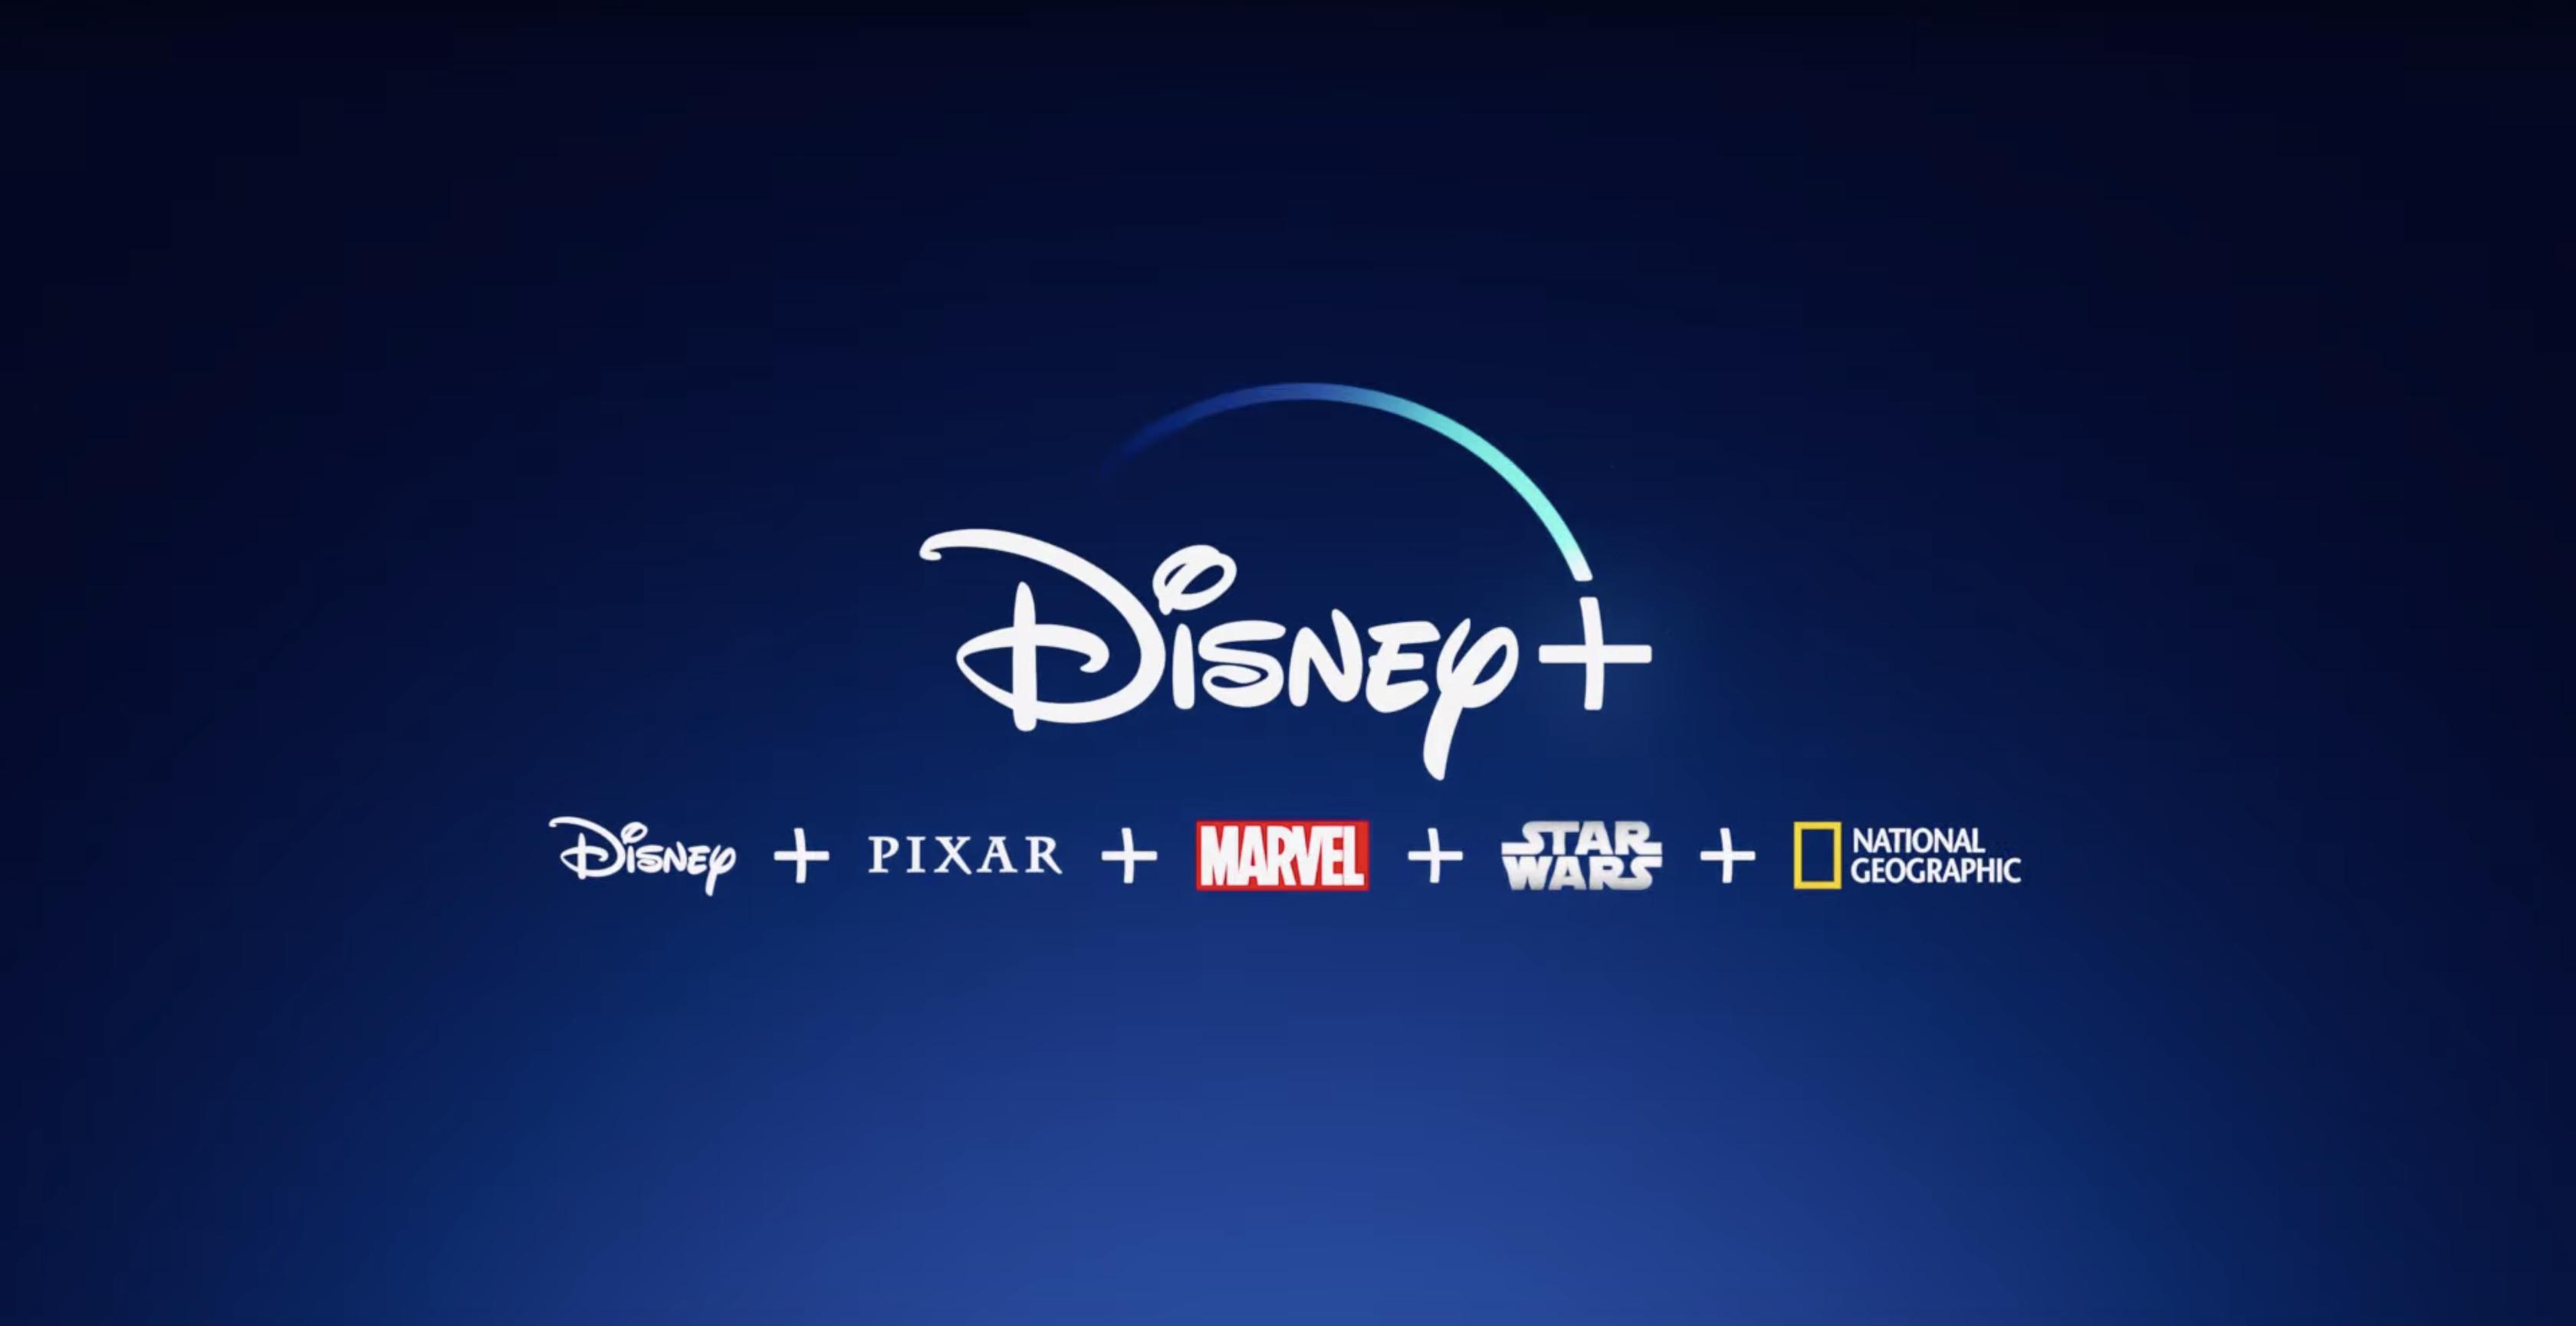 🐭 Disney Plus: стримінг запустився 12 листопада — що покажуть, скільки коштує та де буде доступний